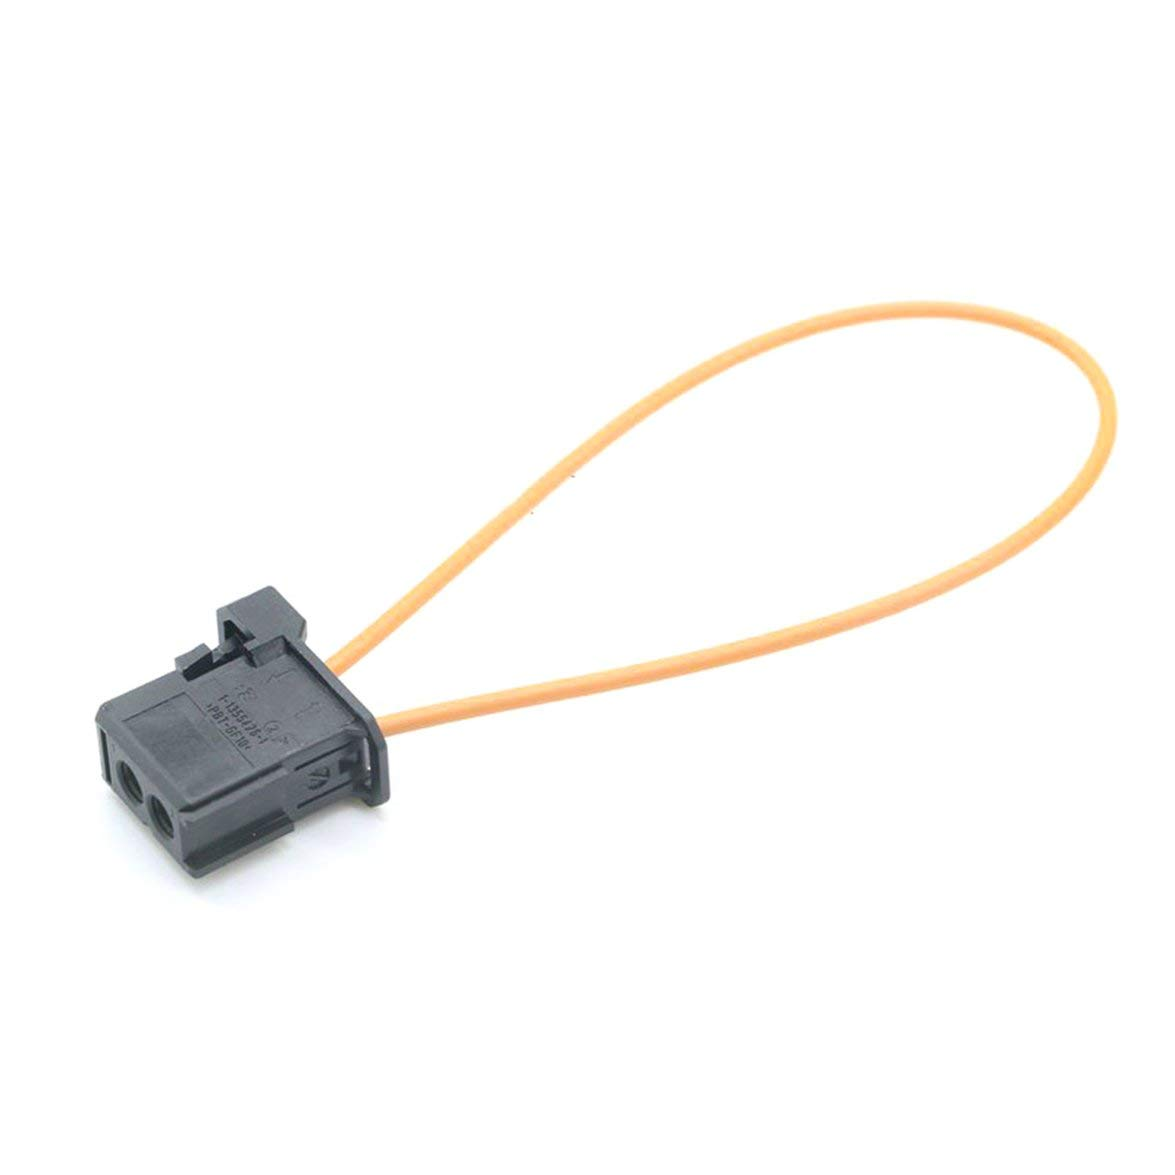 Banbie Automotive Fiber Optic Loop Kunststoff Testring Stecker /& Buchse Kit Adapter